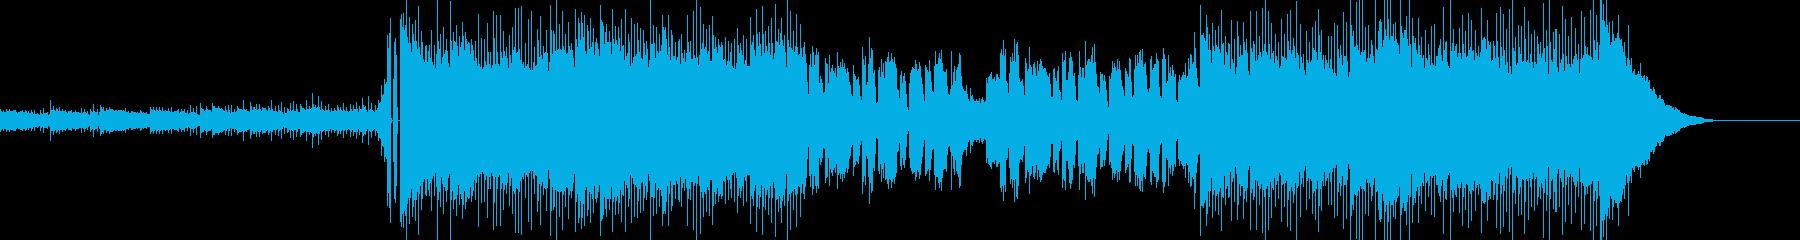 明るく重たい雰囲気のエレクトリックロックの再生済みの波形